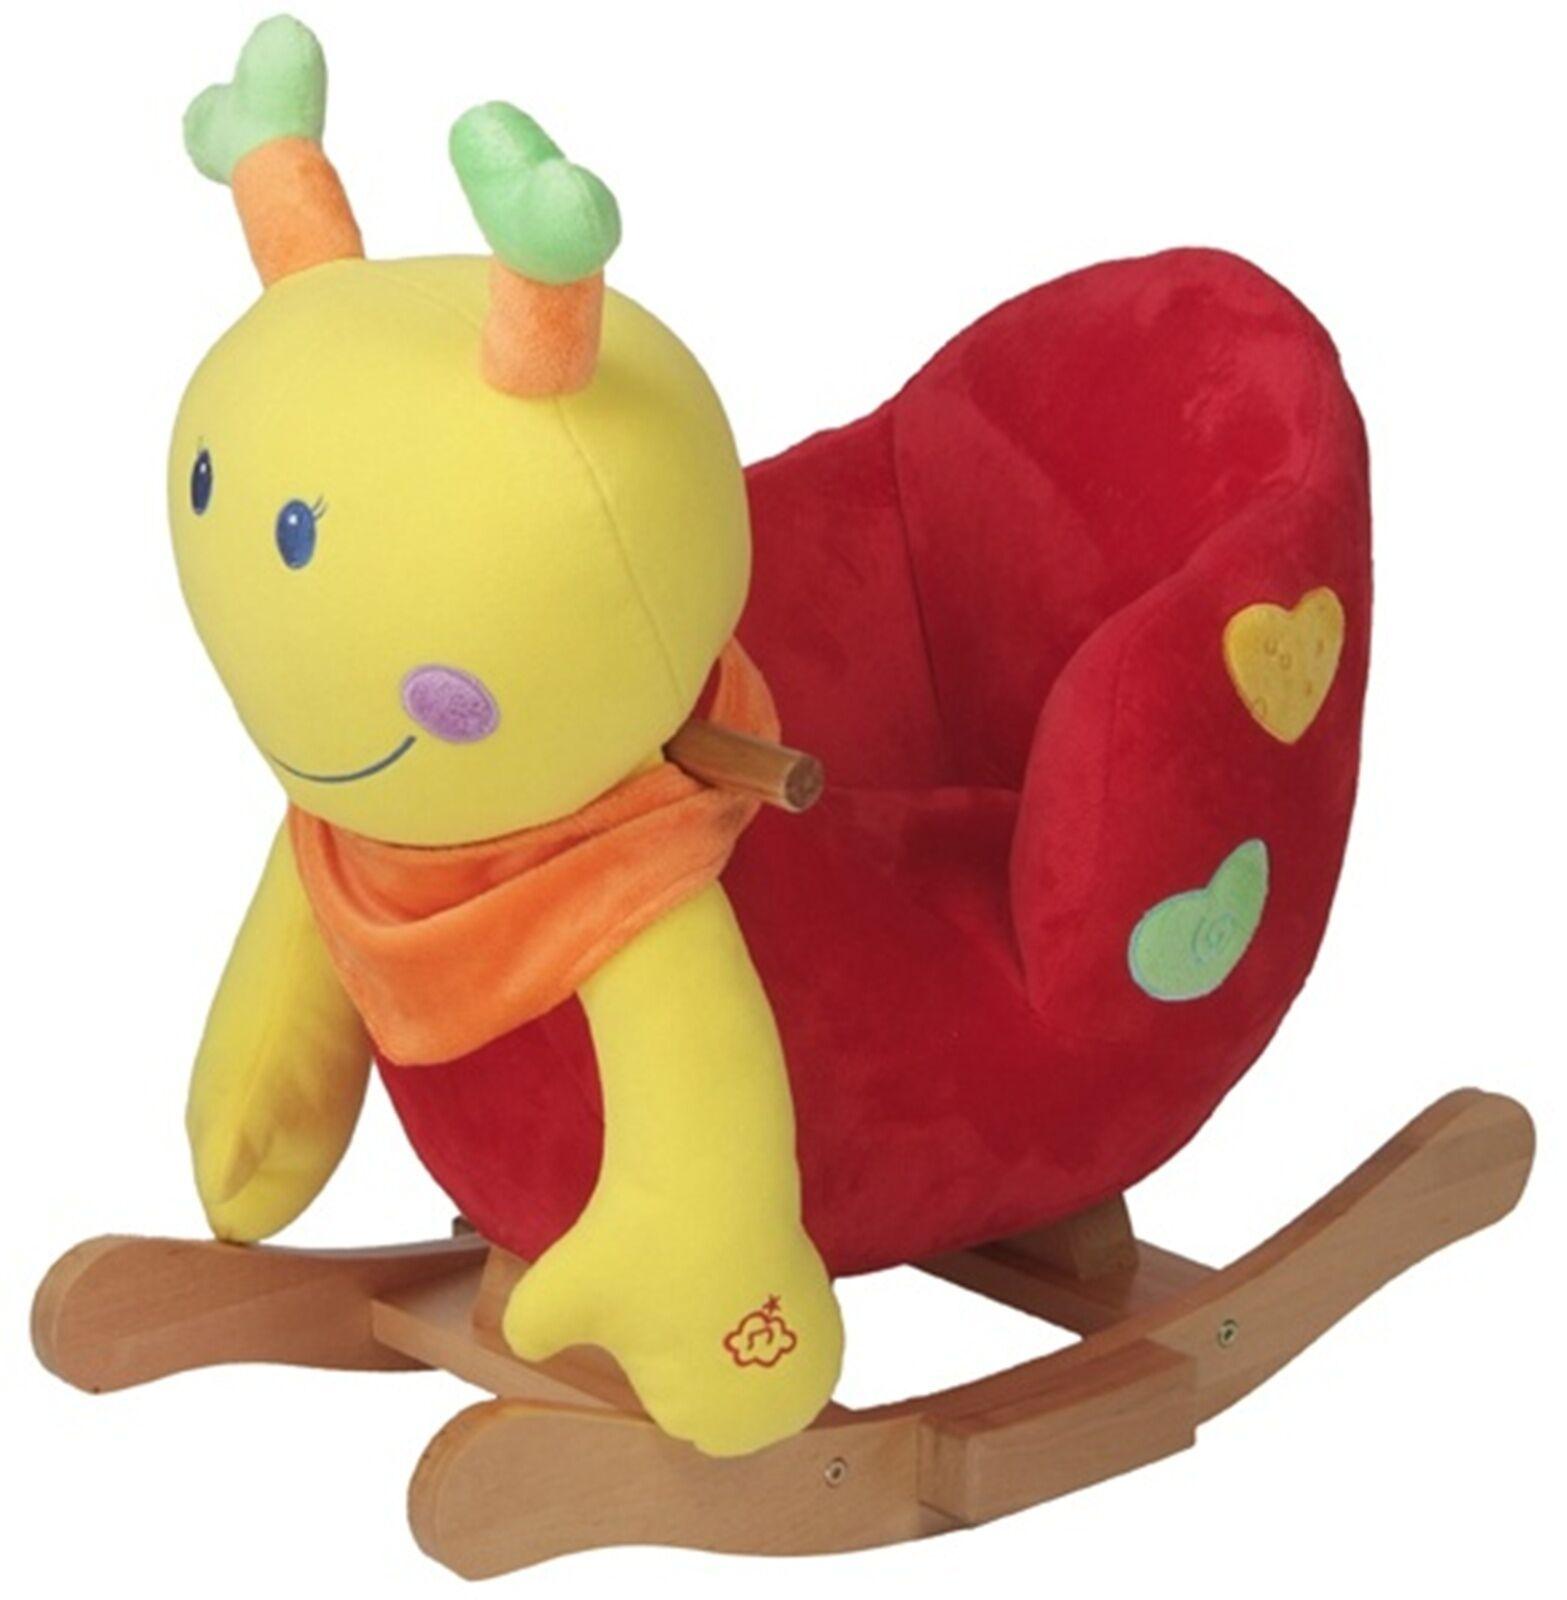 Knorr-baby Schaukeltier mit Musik Schaukelbiene Schaukelbiene Schaukelbiene Emily b5317f